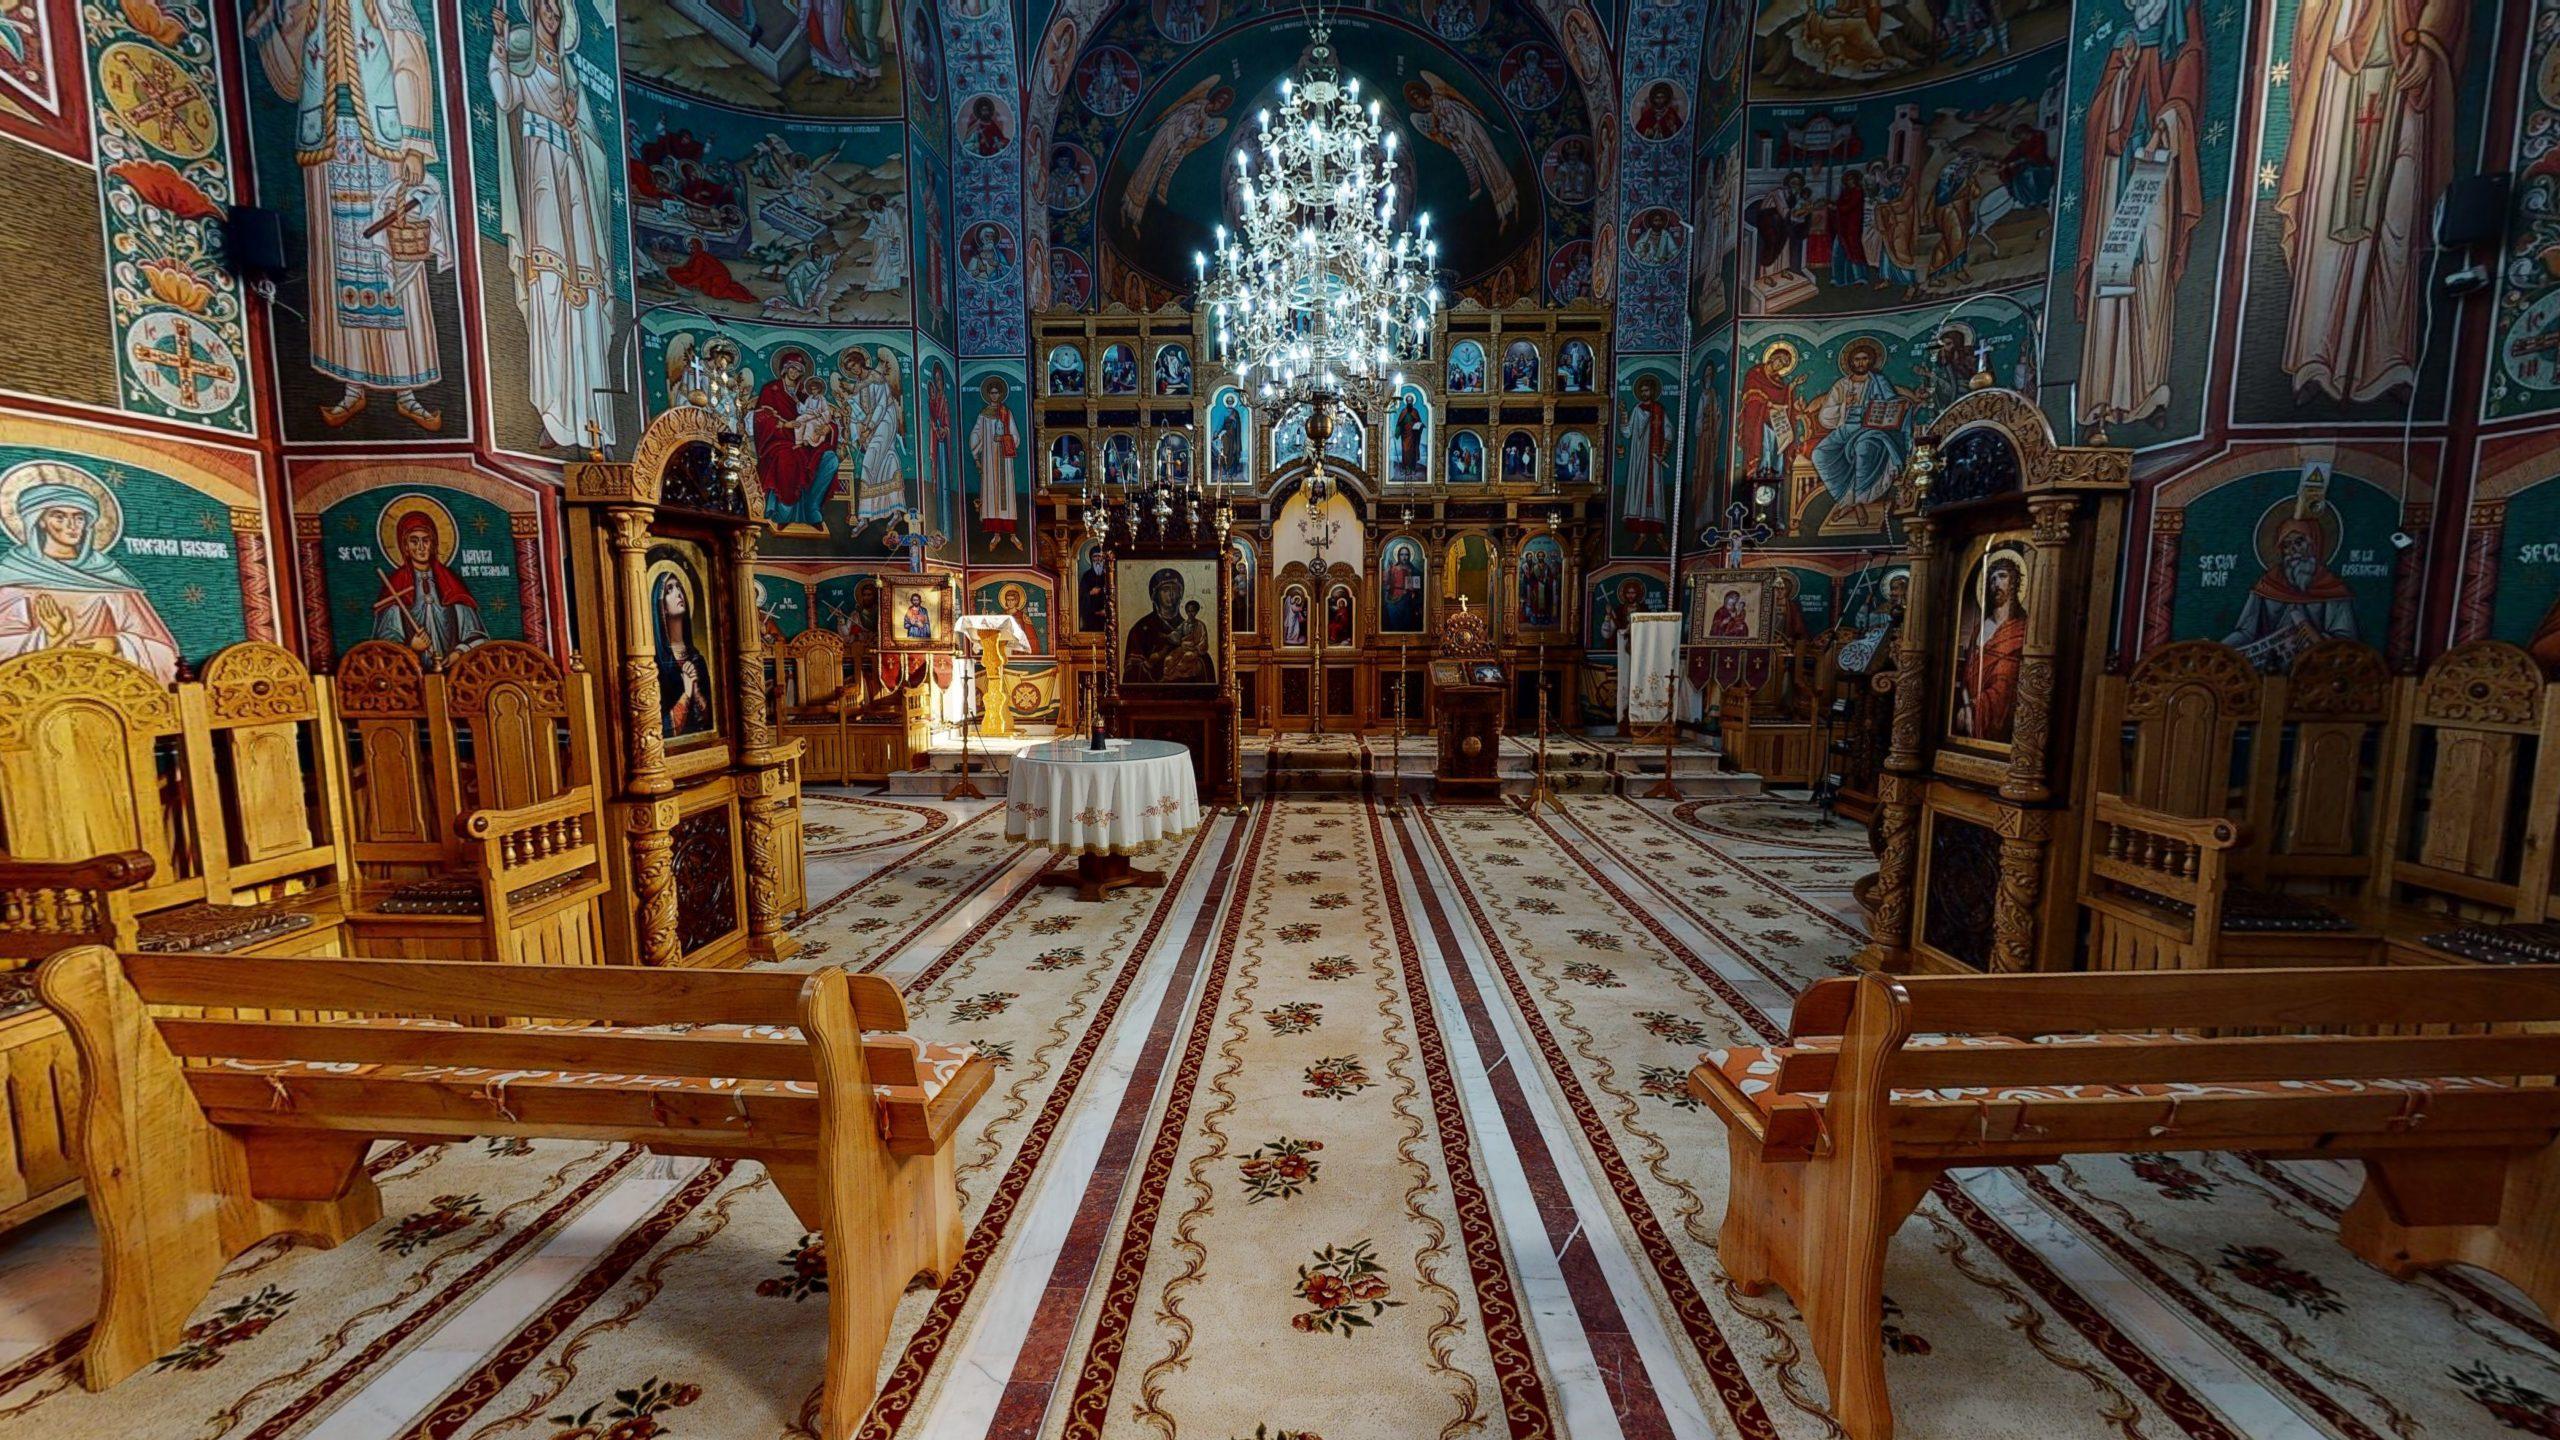 Biserica-Sfintii-Trei-Ierarhi-Flamanzi-12182020_121601